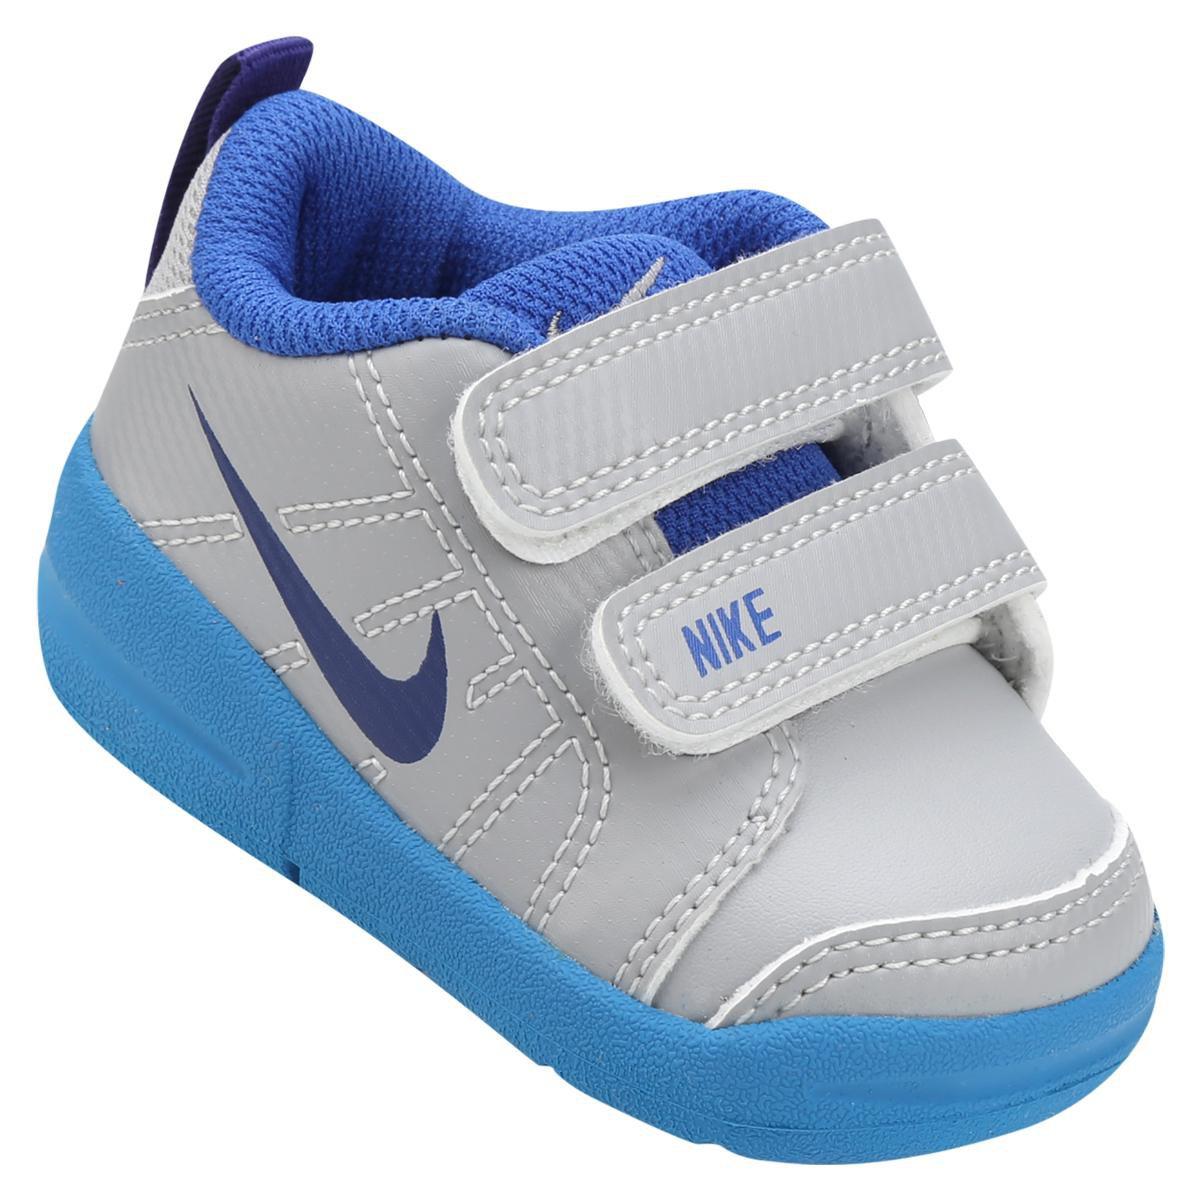 d4a444f7b64 Tênis Infantil Nike Pico Lt Masculino - Cinza e Azul Claro - Compre Agora